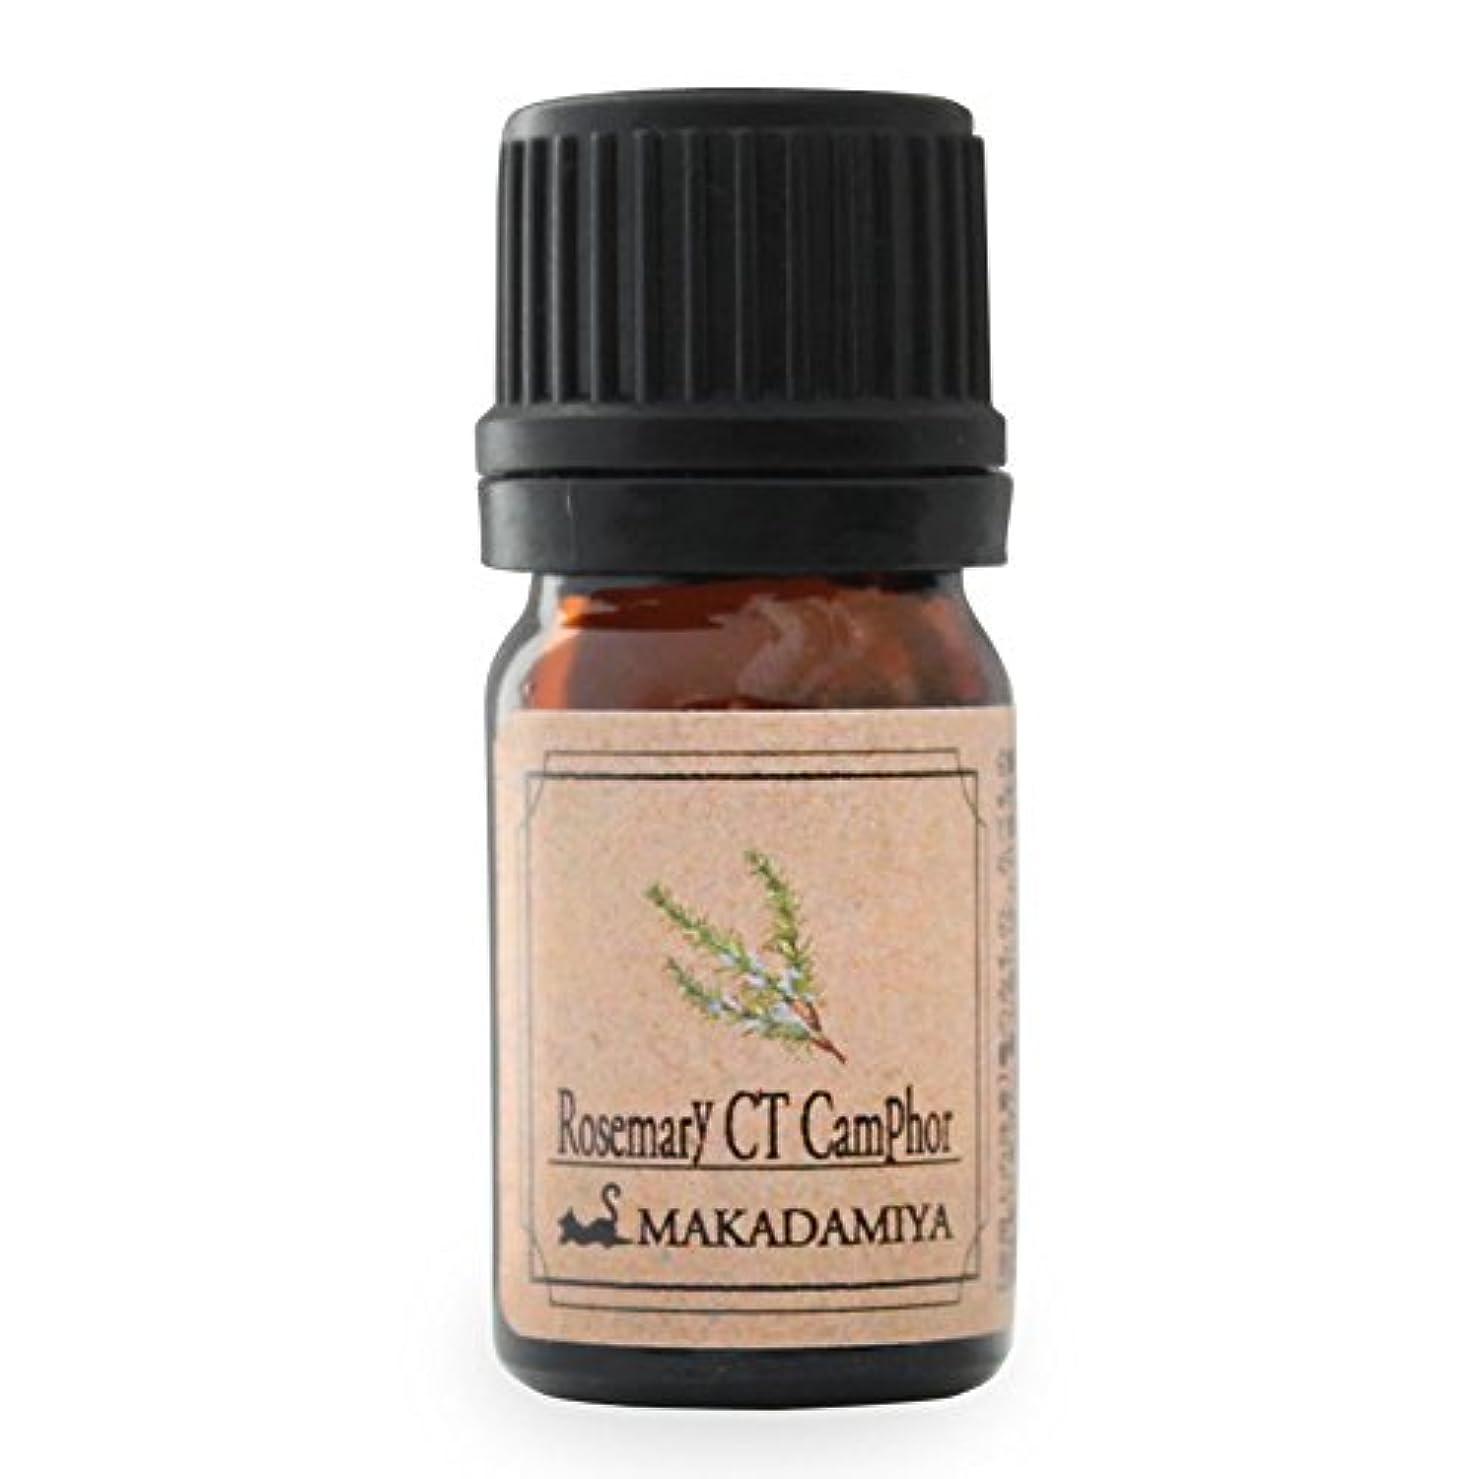 架空の貫通する褐色ローズマリーCTカンファー5ml 天然100%植物性 エッセンシャルオイル(精油) アロマオイル アロママッサージ aroma Rosemary